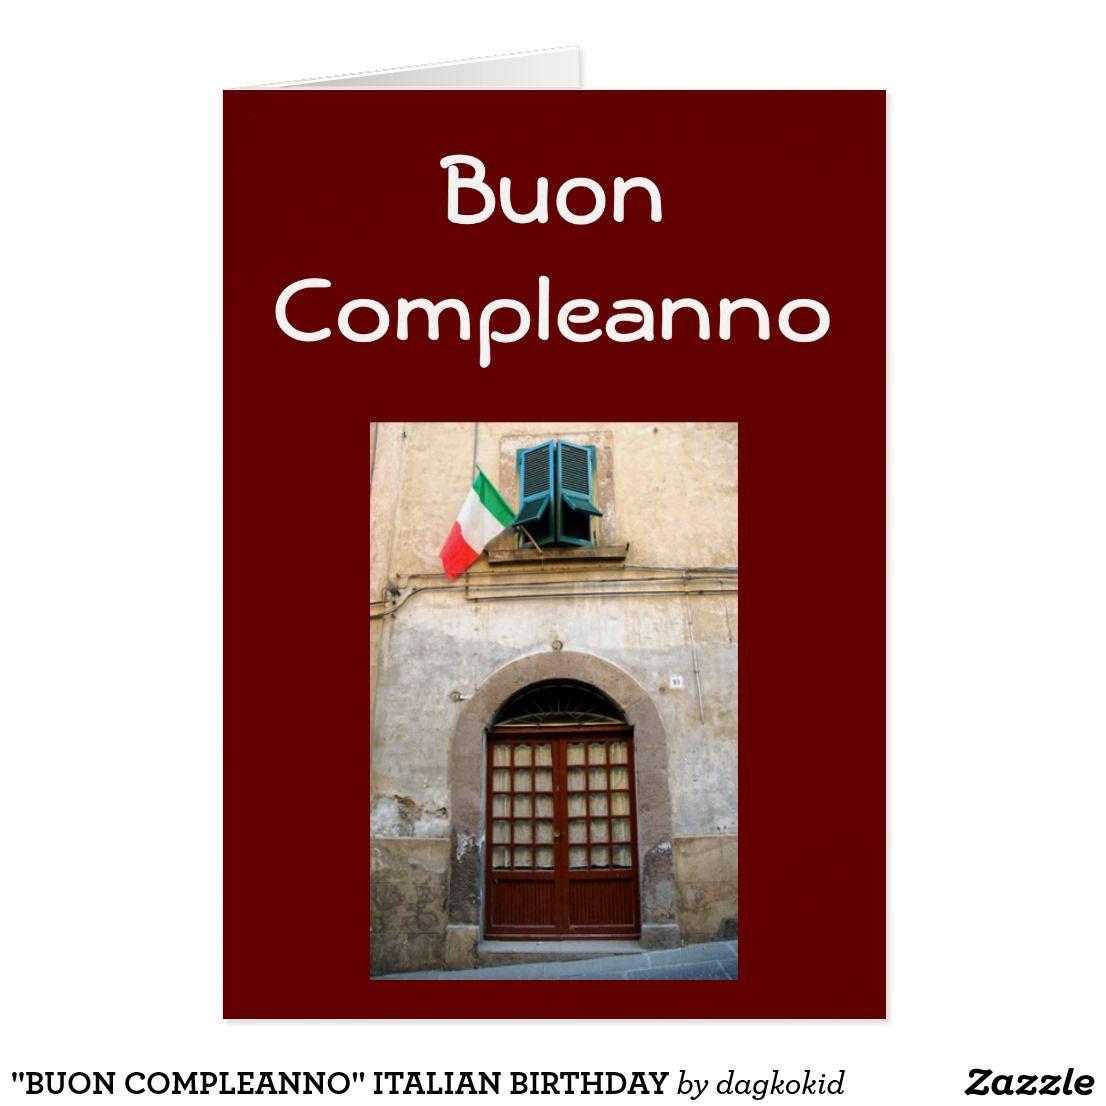 Buon Compleanno Italian Birthday Card Zazzle Com Birthday Wishes Greeting Cards Birthday Wishes For Mom Birthday Greeting Cards